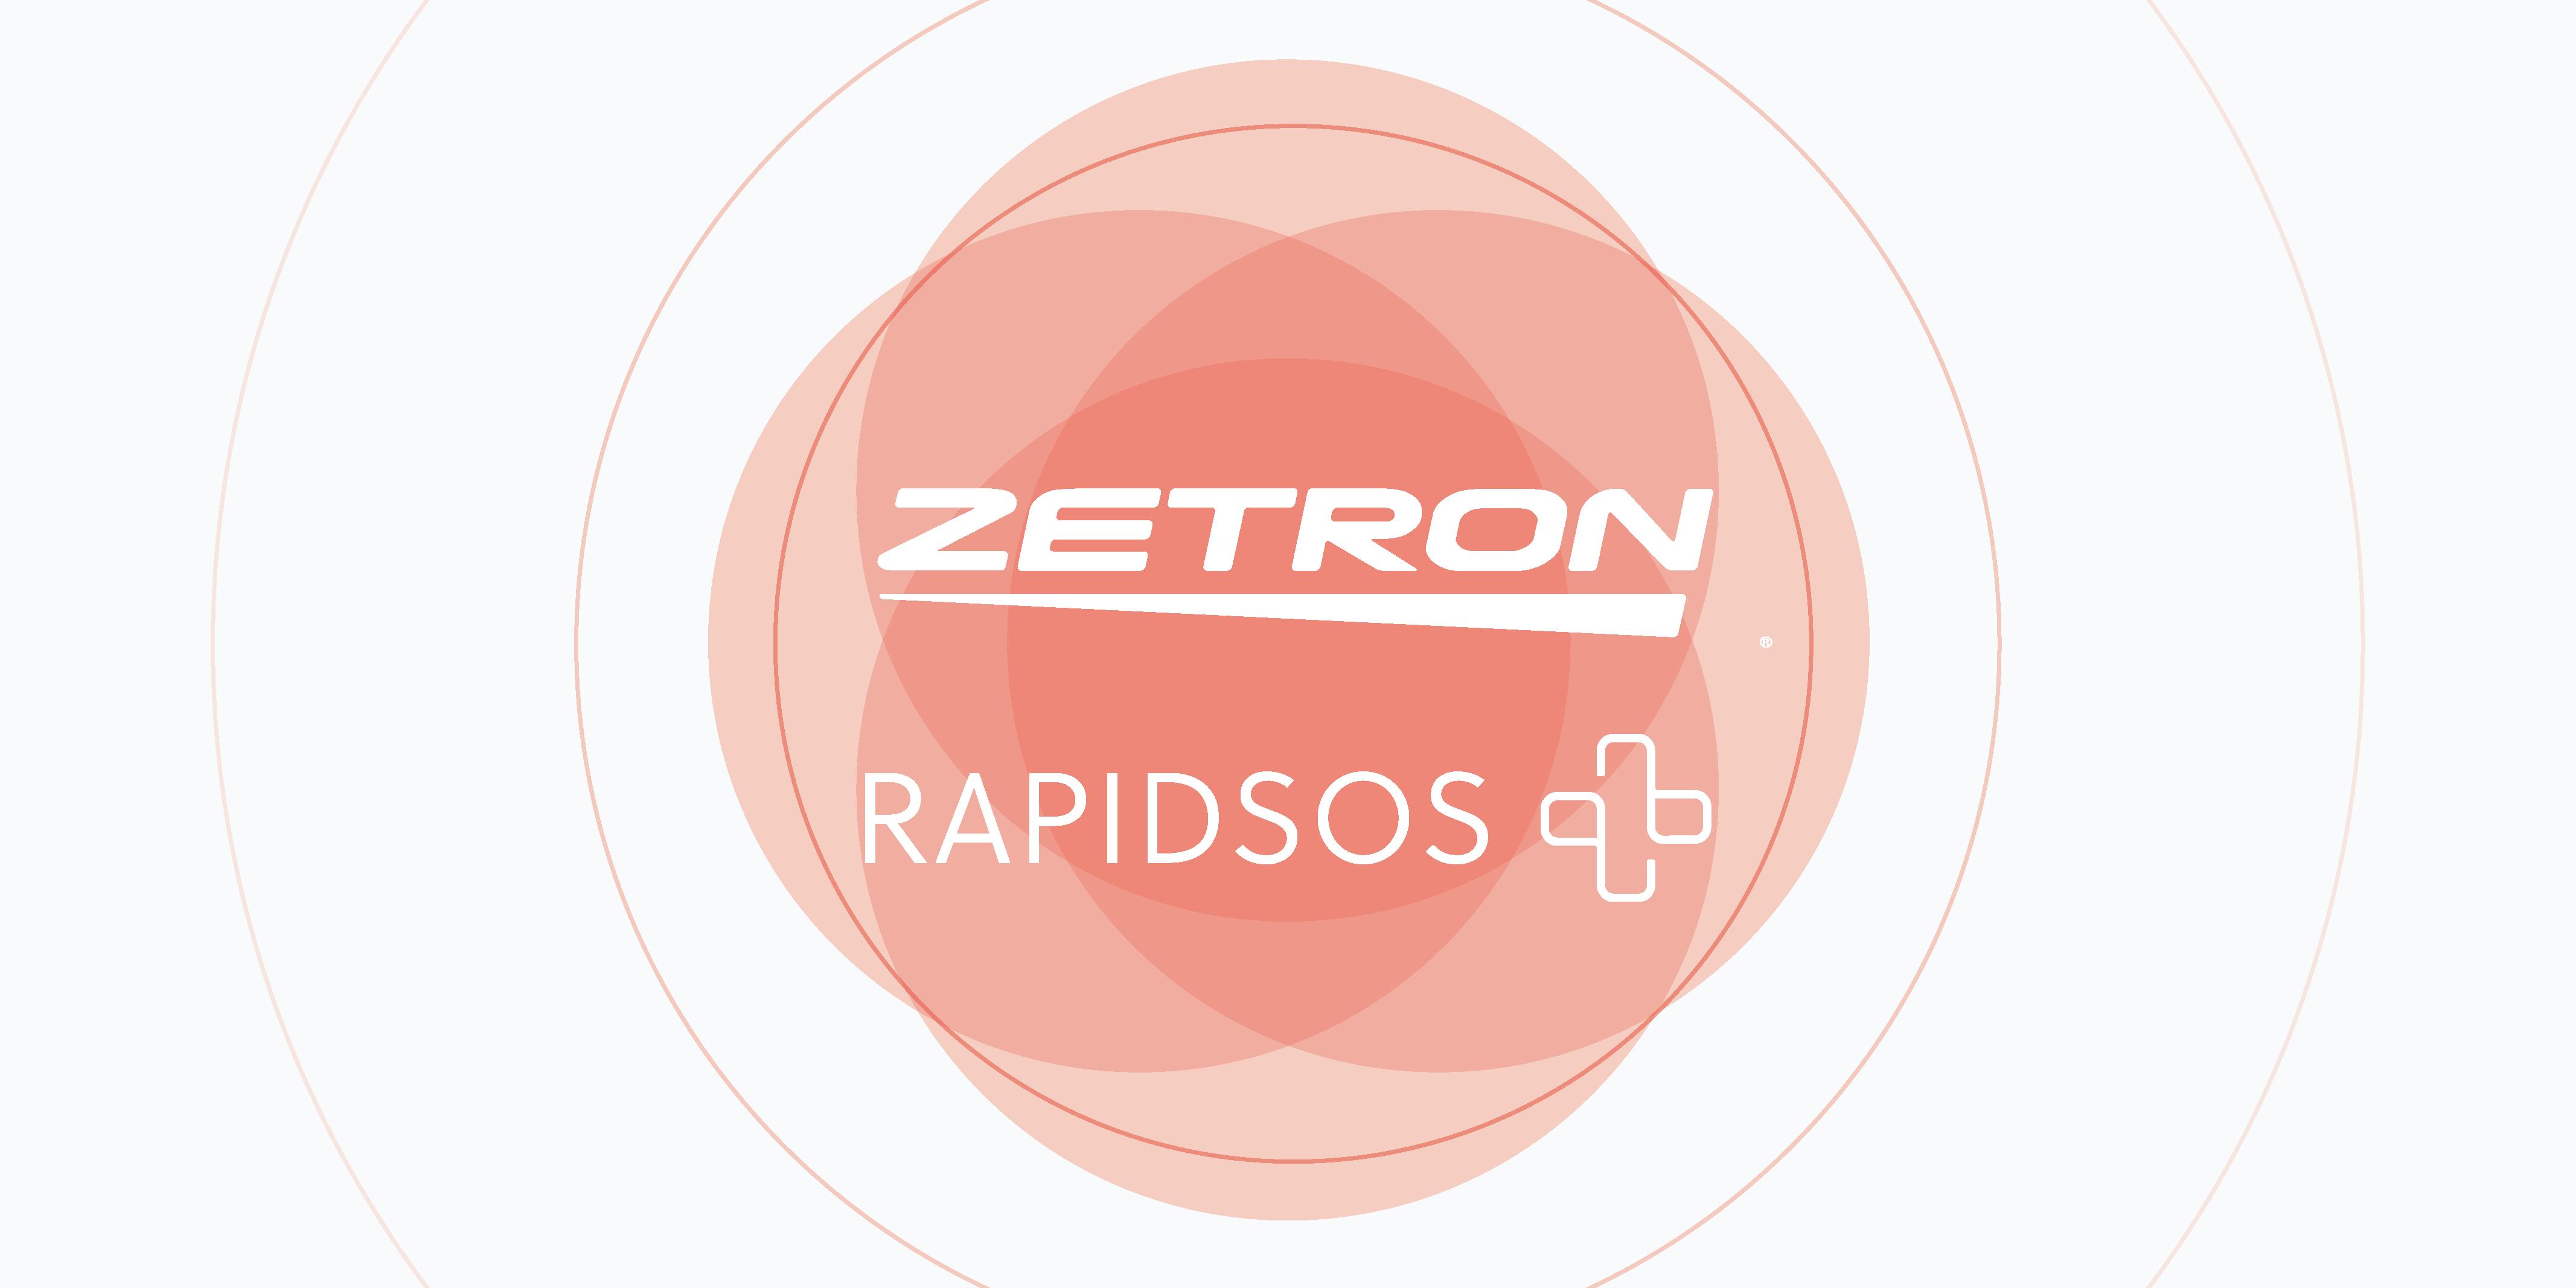 zetron20blog20cover20photo-01